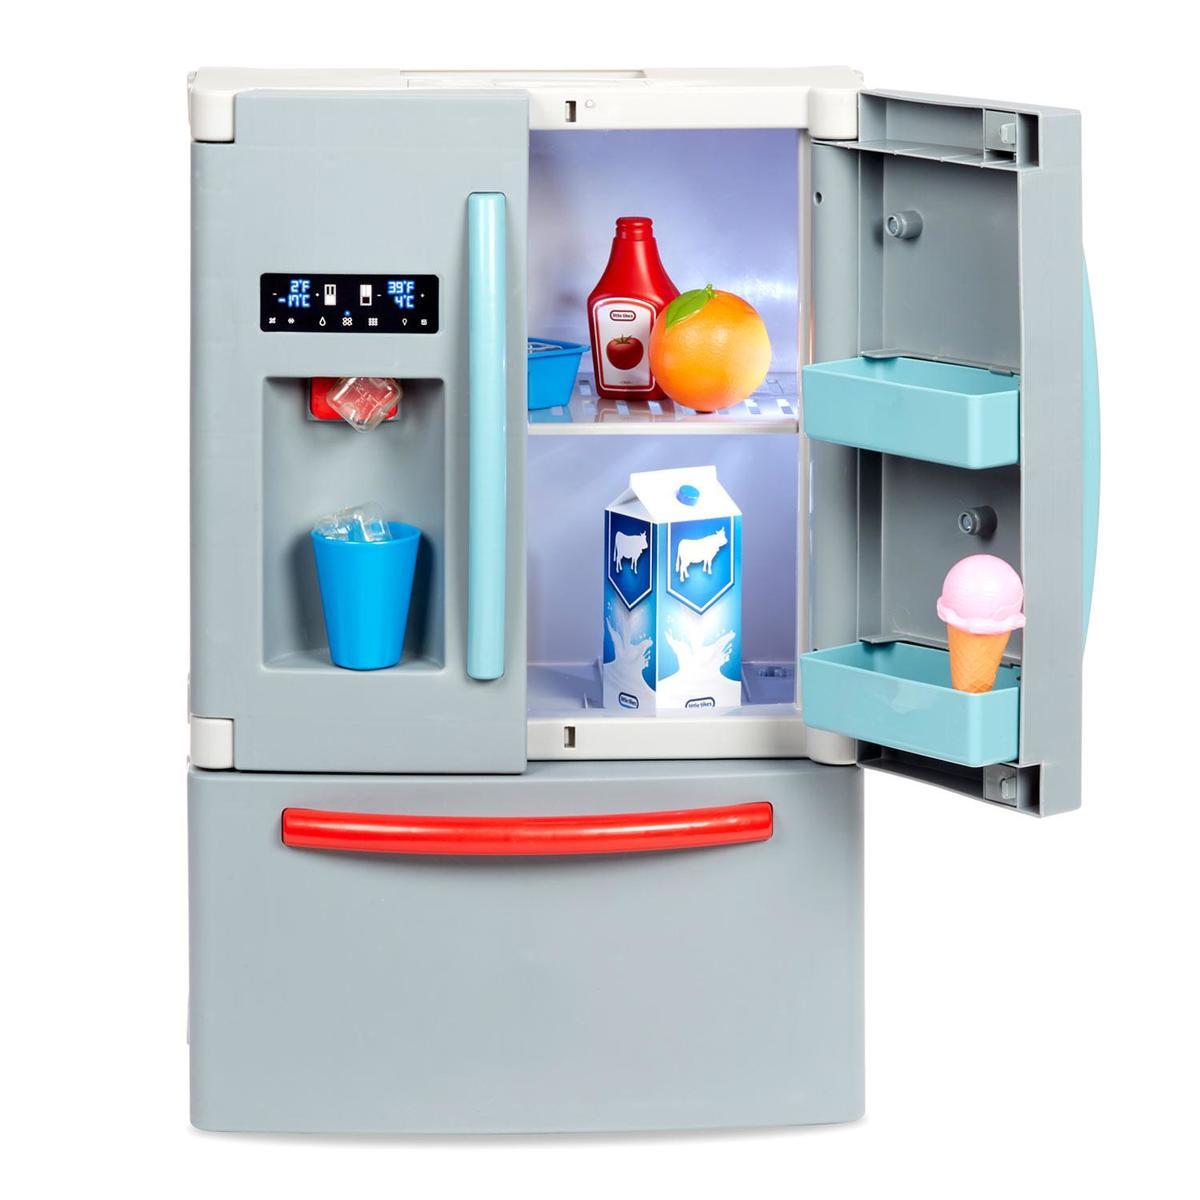 Mit Første Køleskab